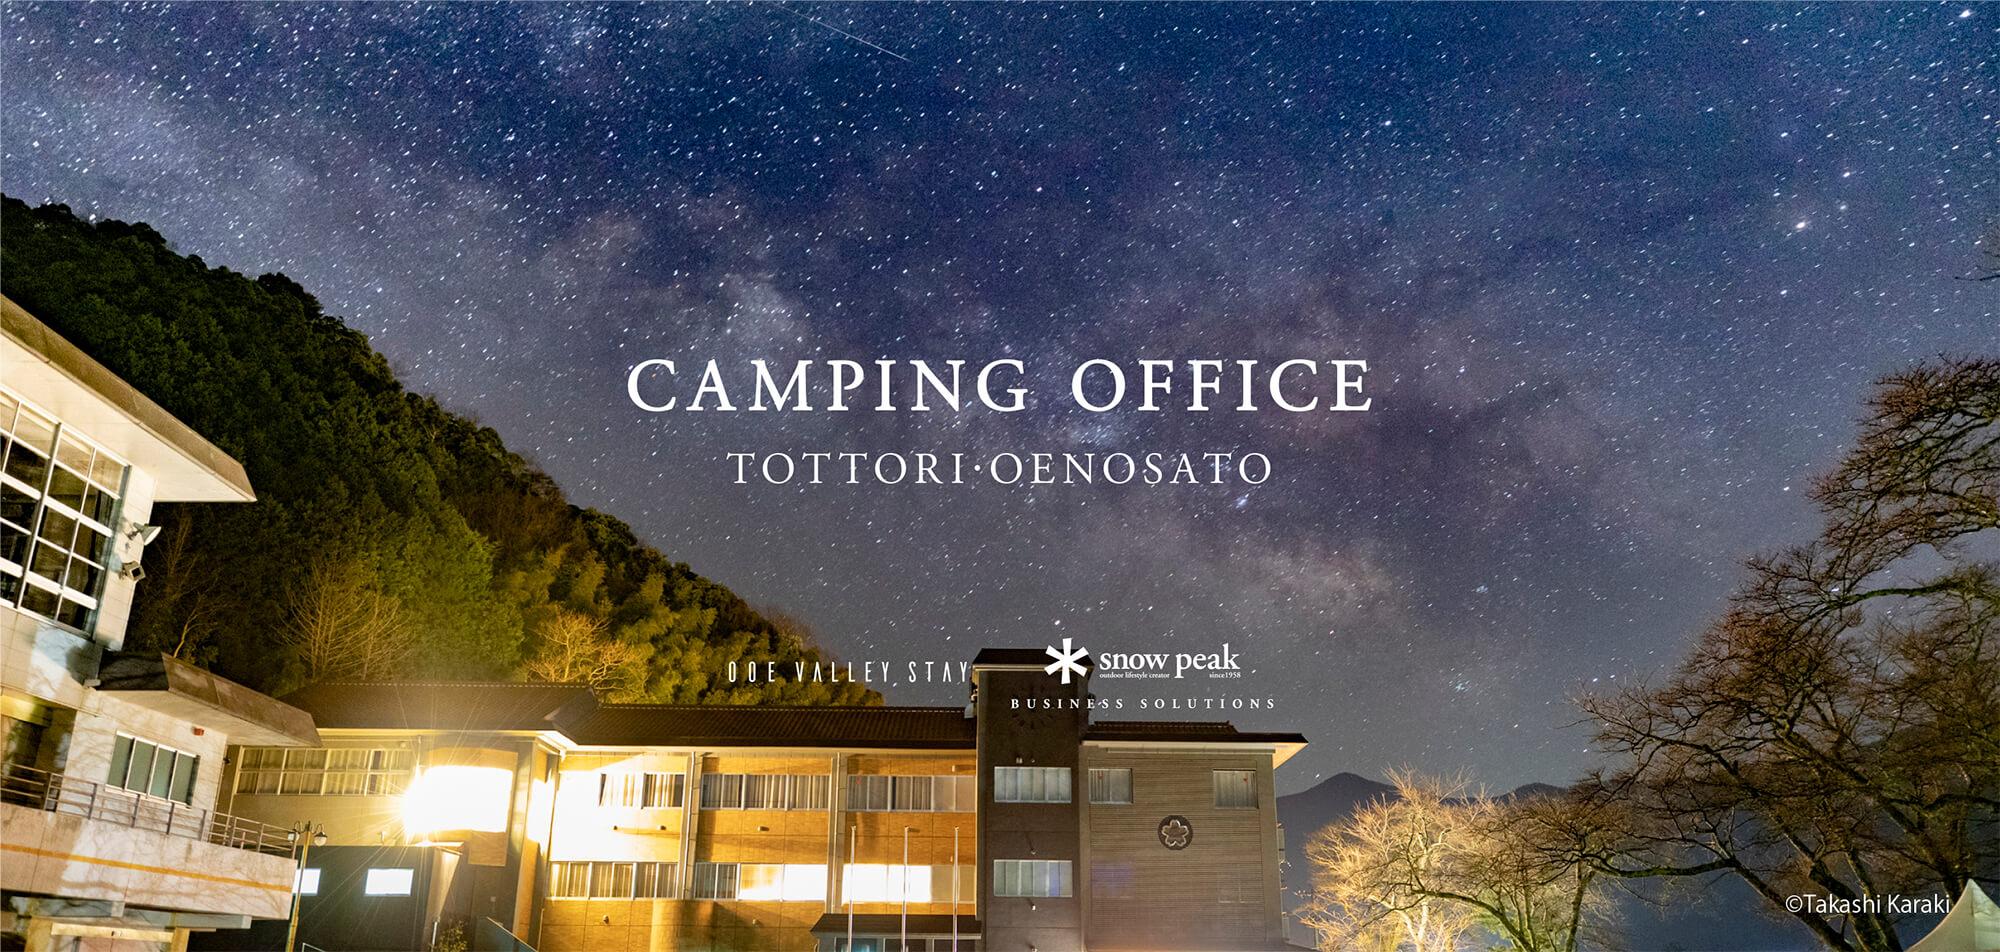 ~新しい繋がりを作る場所~「CAMPING OFFICE TOTTORI・OENOSATO」のお知らせ